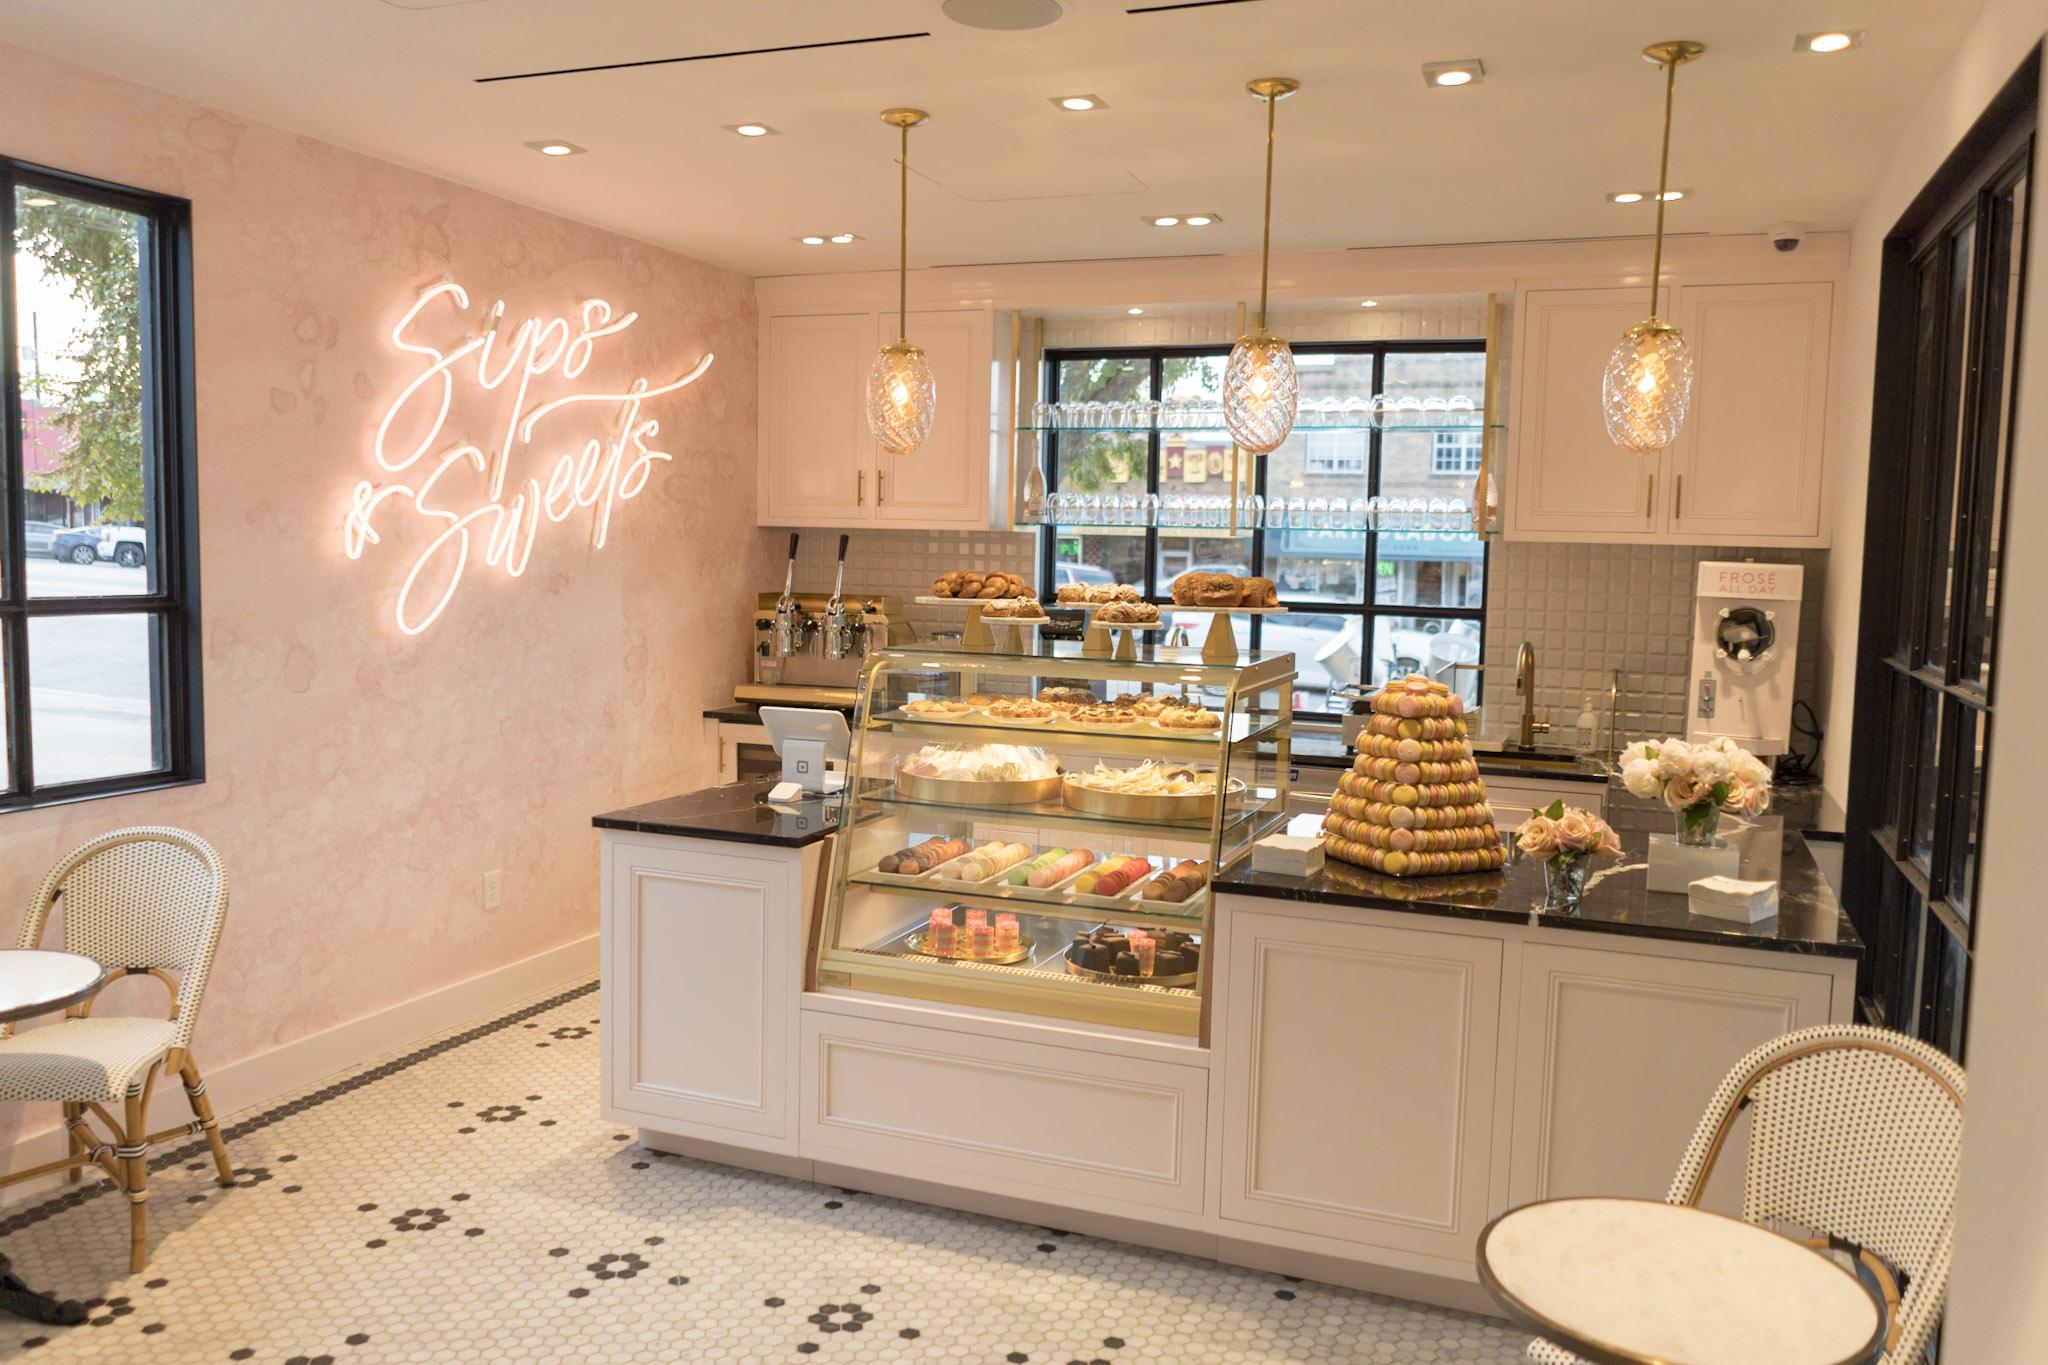 Inside Kendra Scott's cafe, Sips & Sweets